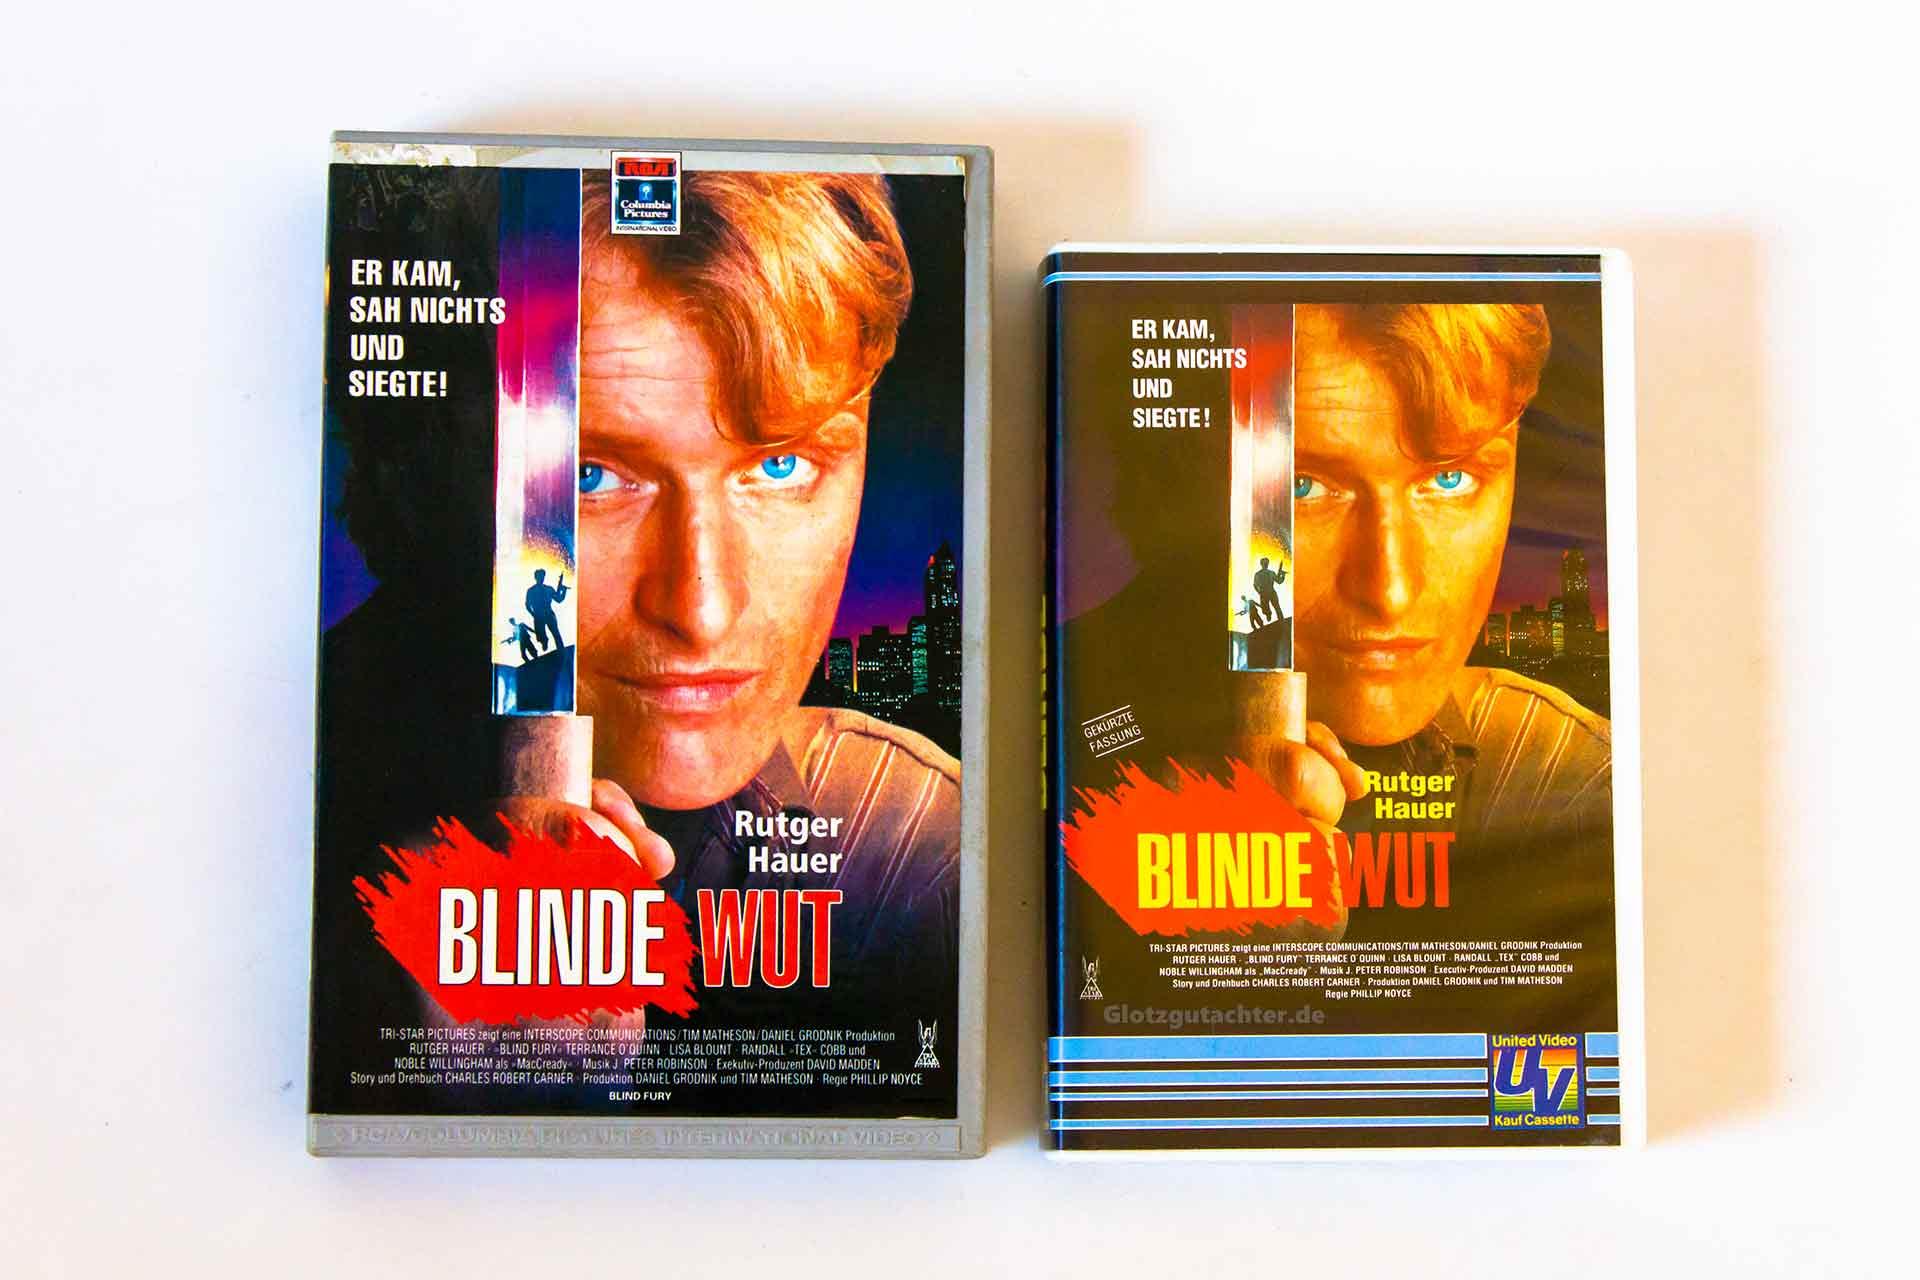 Blinde Wut – Blind Fury